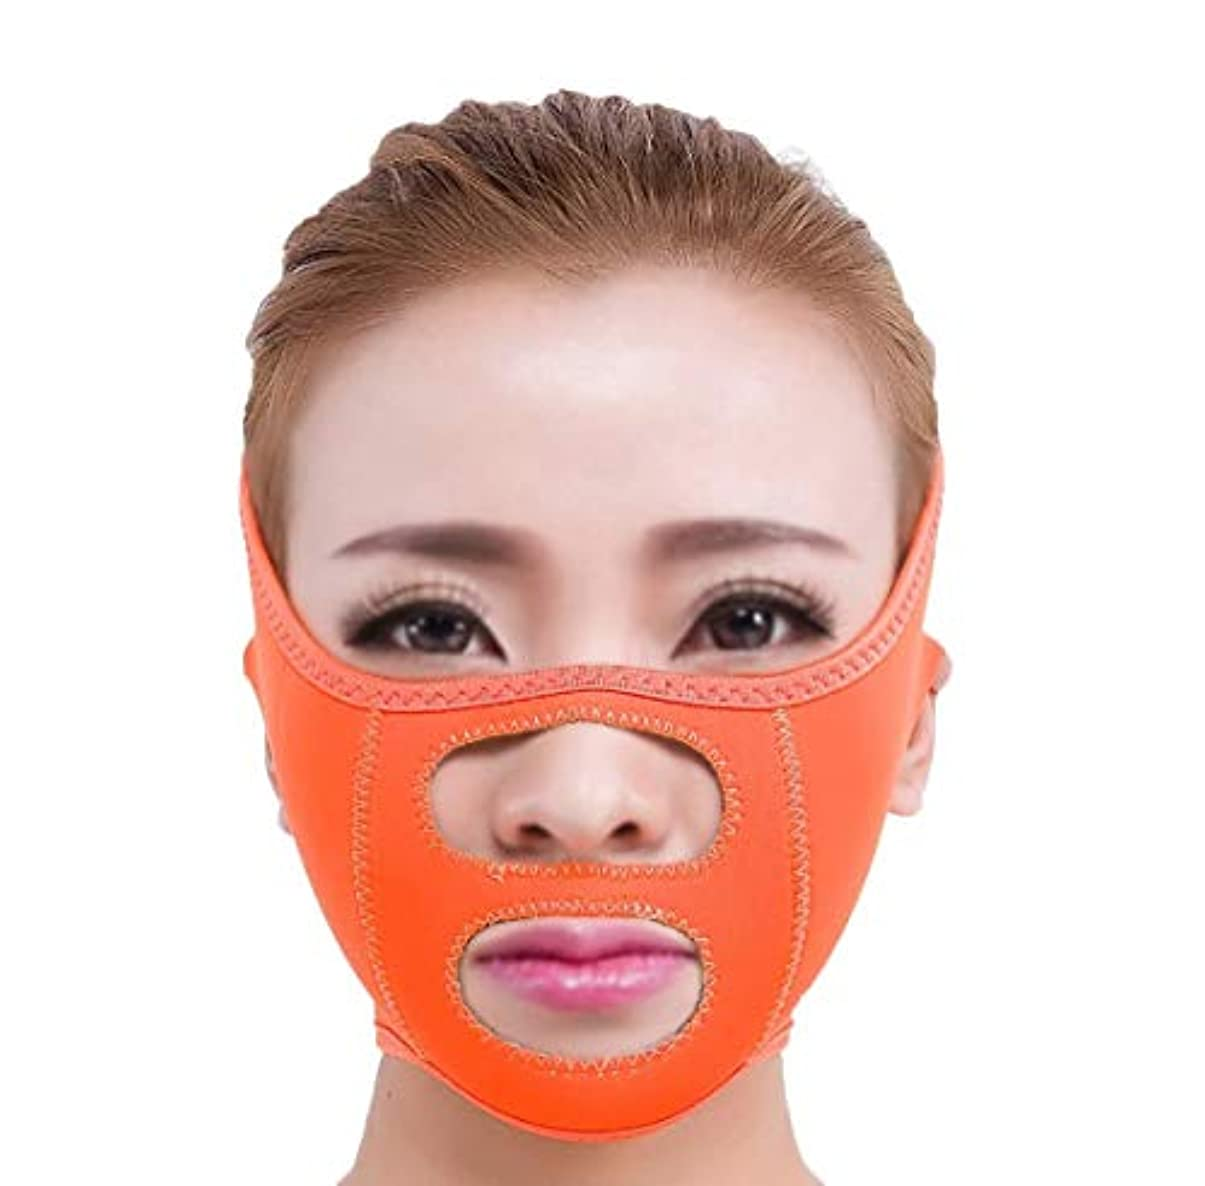 ブレークがんばり続ける奪うスリミングベルト、フェイシャルマスク薄い顔マスク睡眠薄い顔マスク薄い顔包帯薄い顔アーティファクト薄い顔顔リフティング薄い顔小さなV顔睡眠薄い顔ベルト